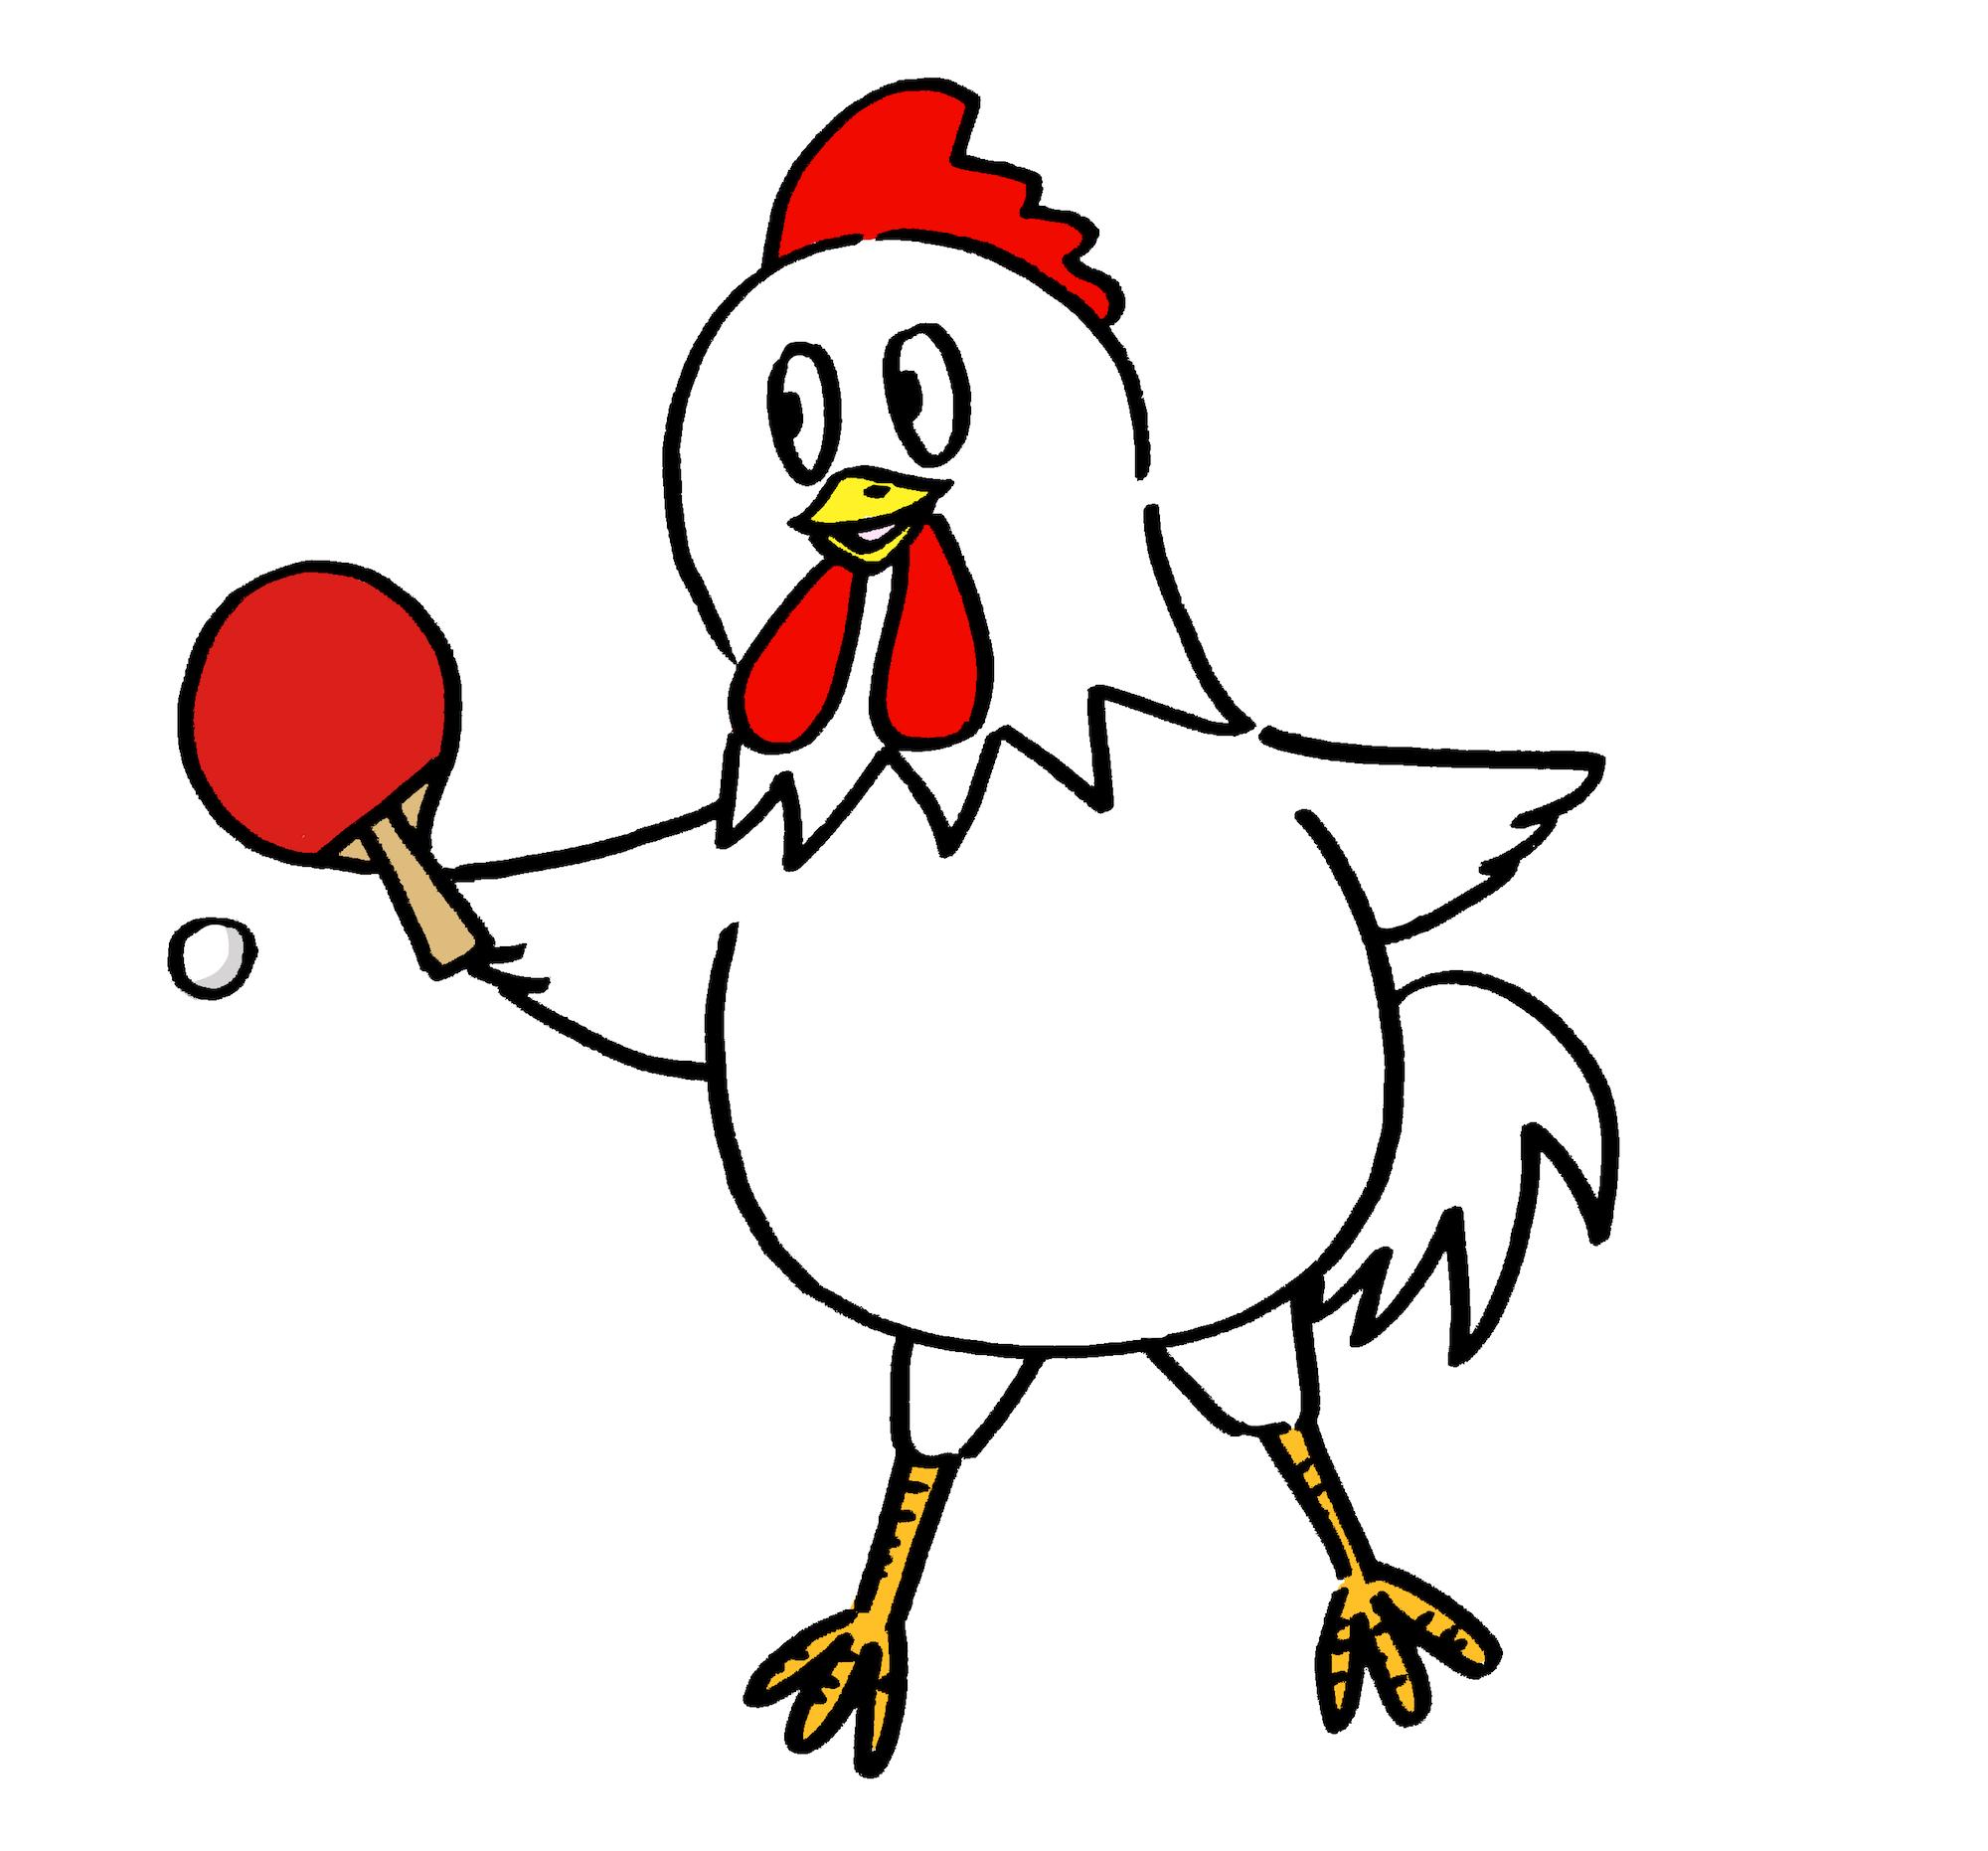 卓球をする可愛い鶏ニワトリ無料年賀状素材酉年